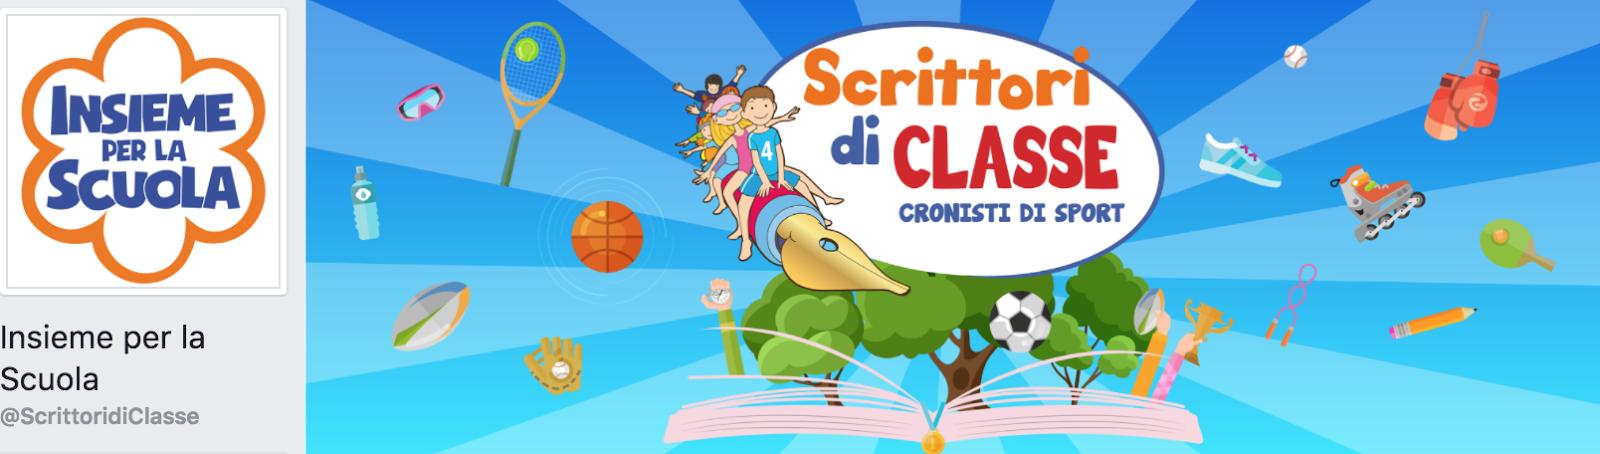 SCRITTORI DI CLASSE SU FACEBOOK